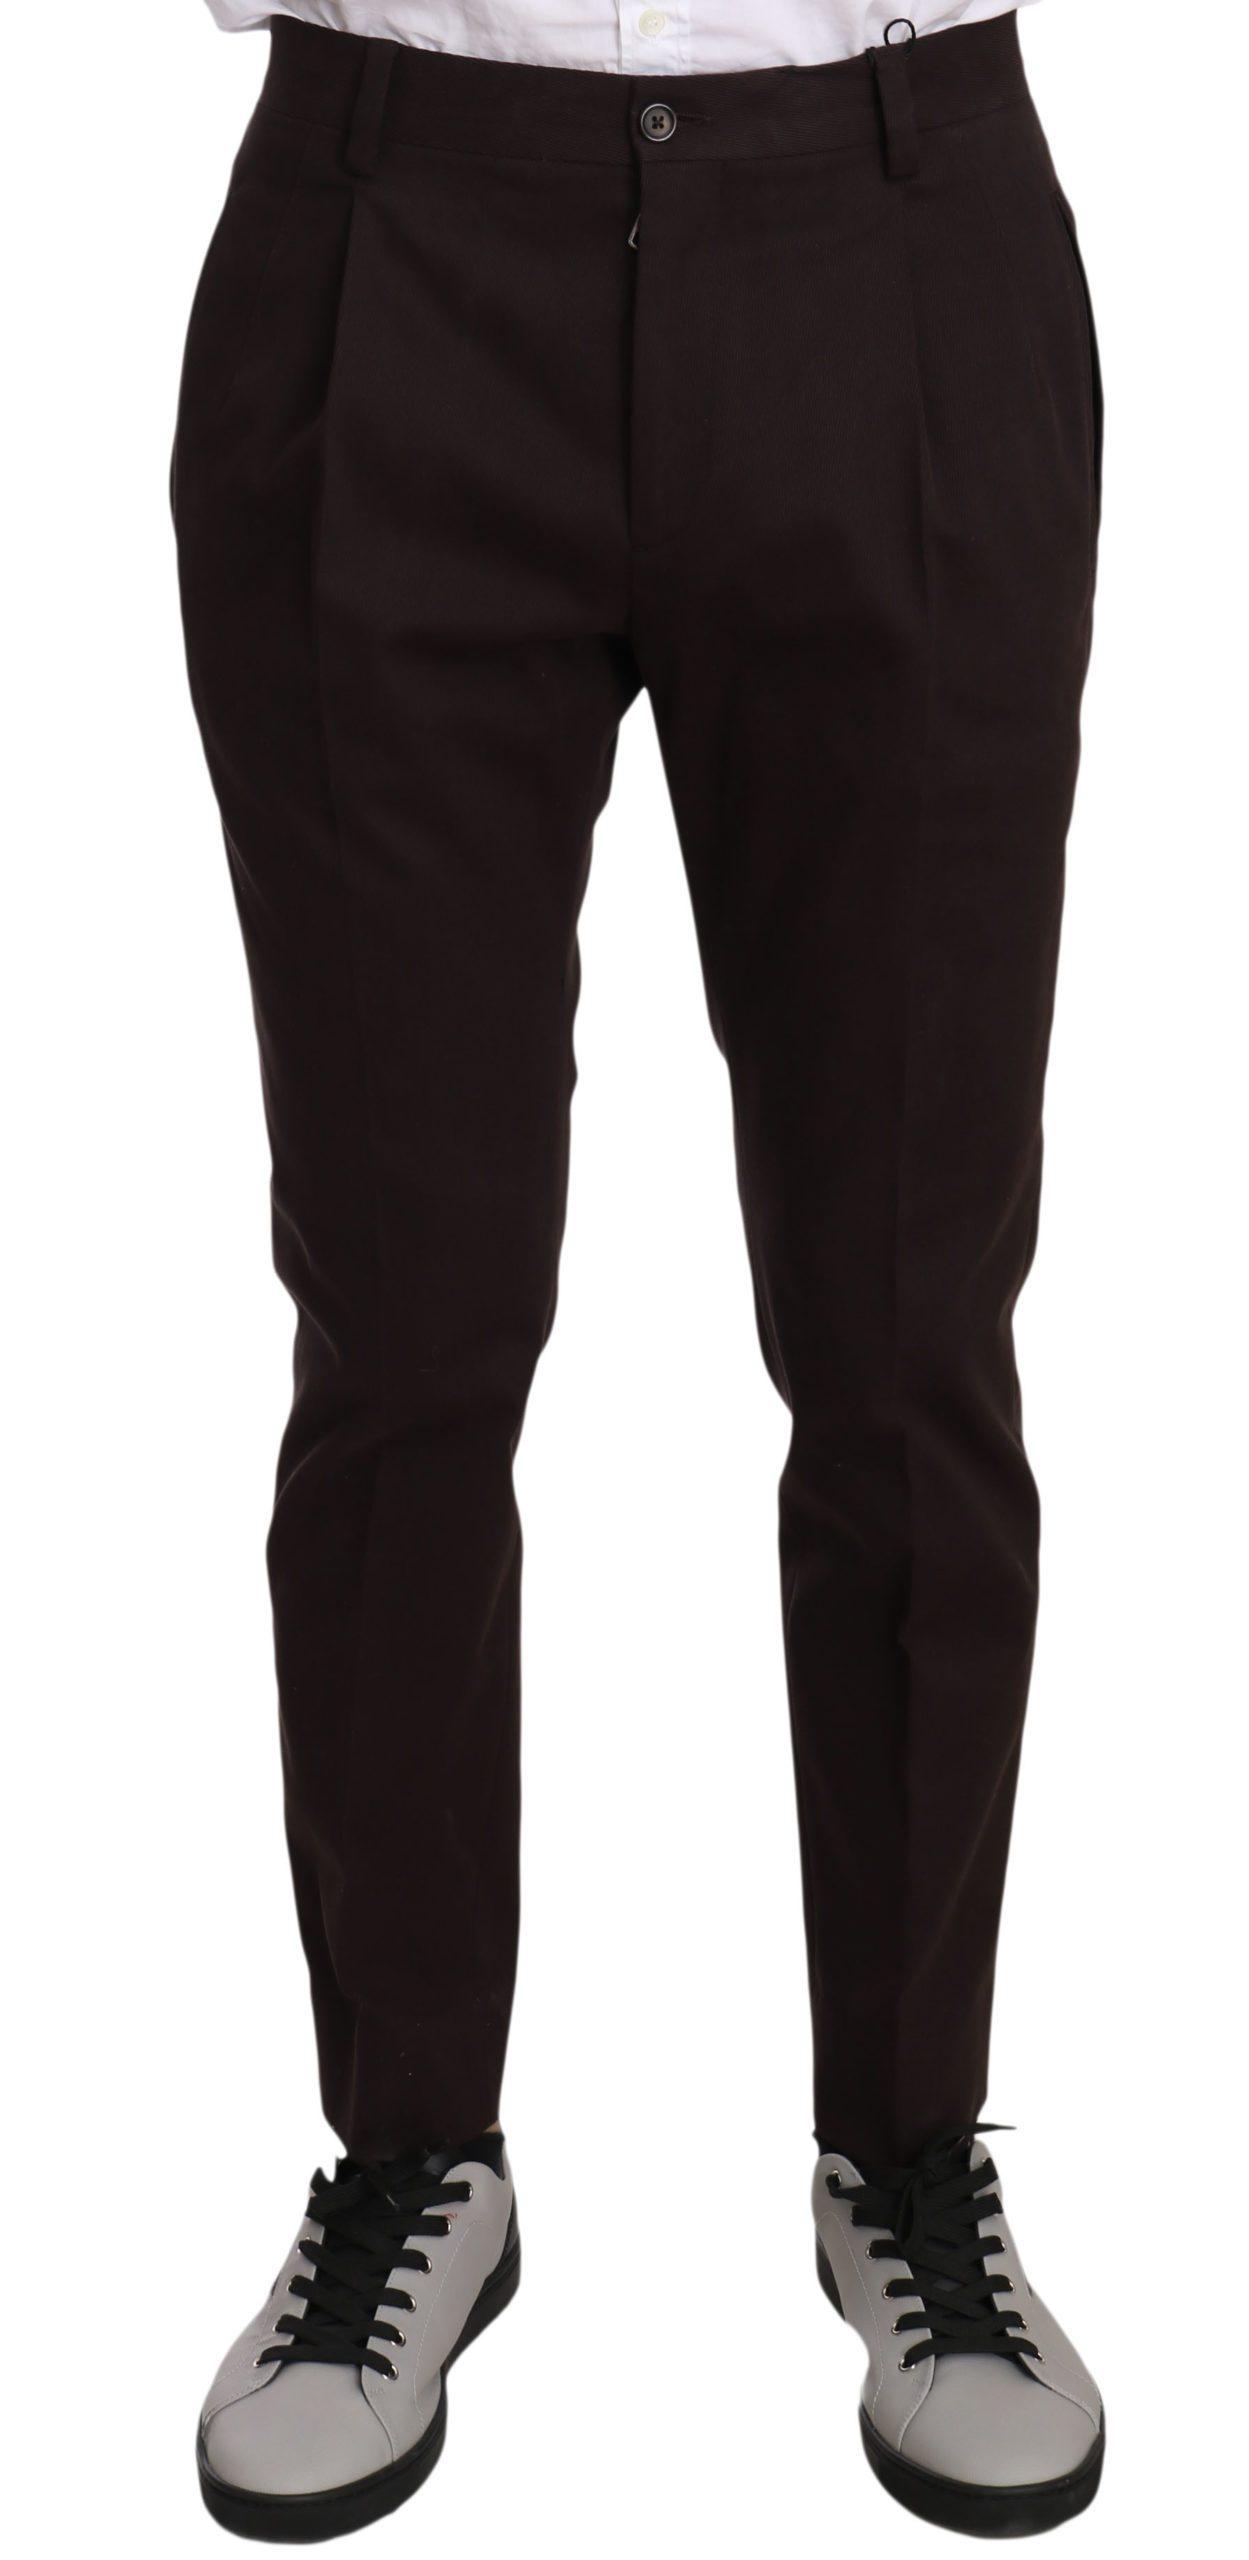 Dolce & Gabbana Men's Jeans Bordeaux PAN70135 PAN70135 - IT44 | XS